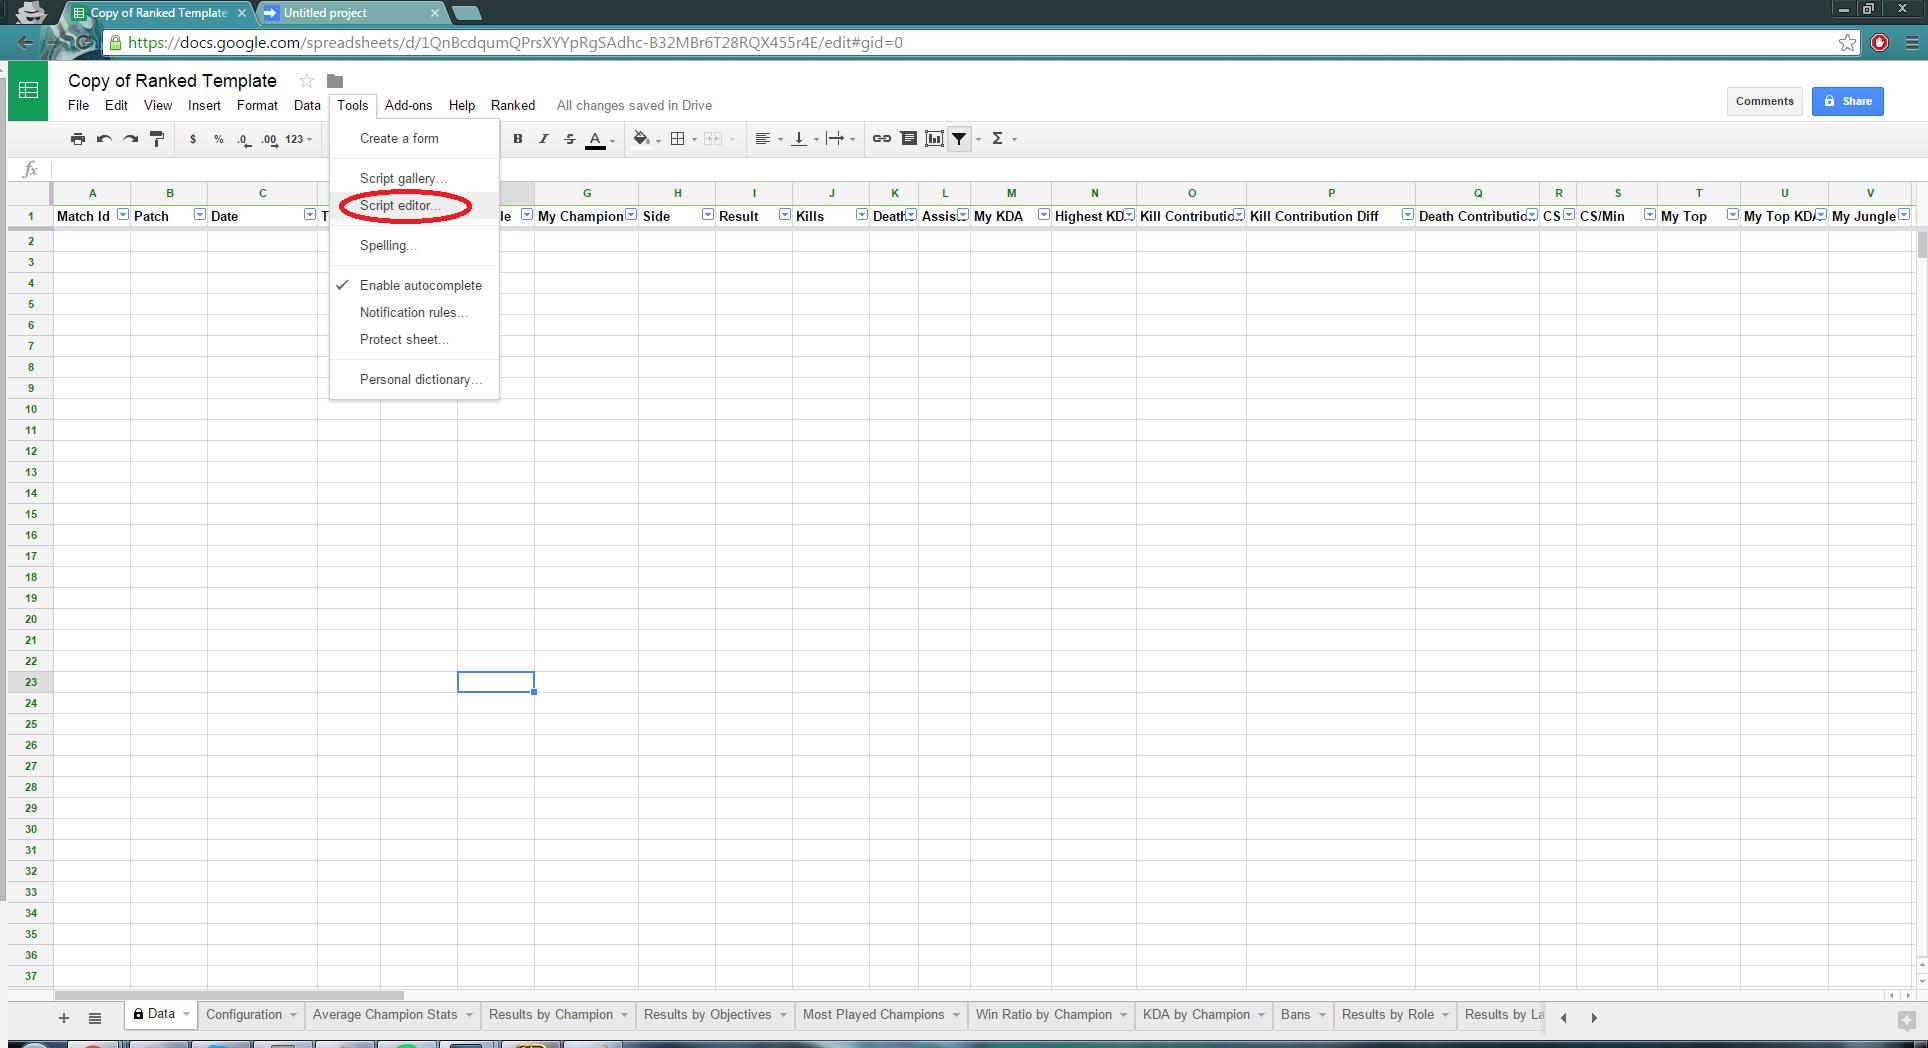 GitHub - darksteel88/LeagueRankedScript: A Google Sheets add-on that